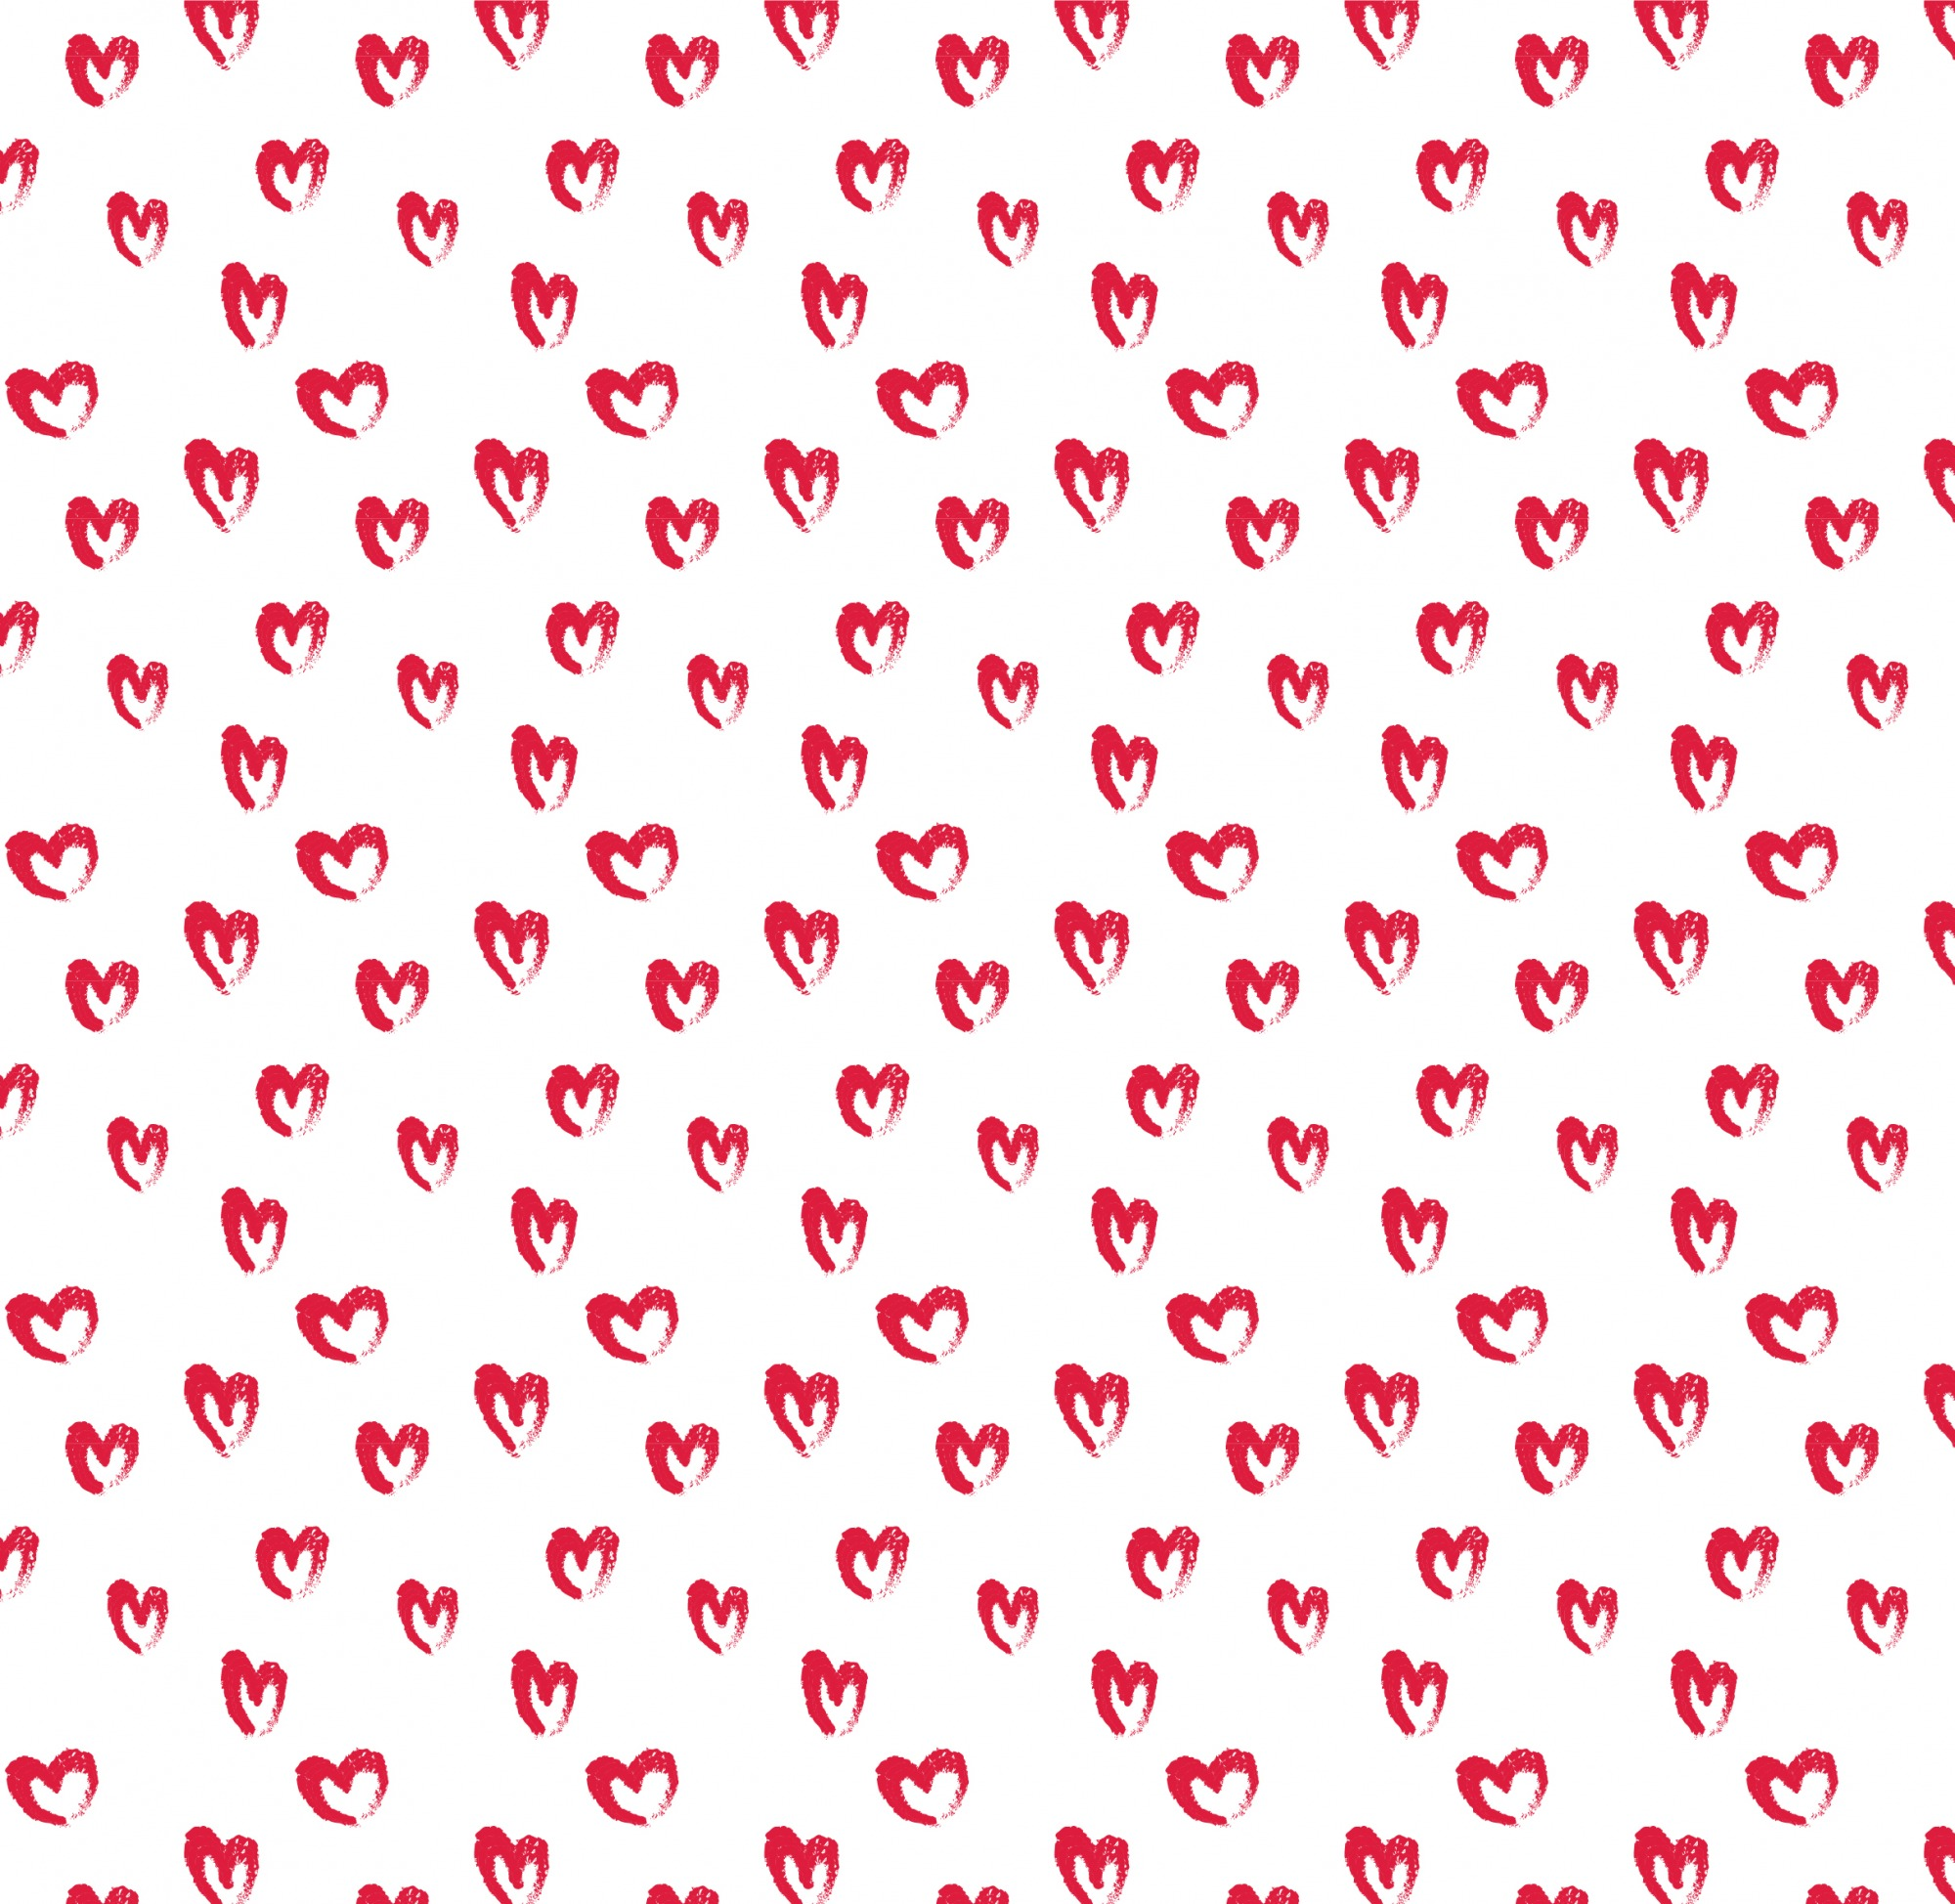 Motif enfantin, E6, Votre motif - POP'Home, Pop Home, produits éco-responsables, produits éco-responsables français, produits éco-responsables made in France, produits personnalisés, produits personnalisés français, produits personnalisés made in France, produits personnalisables, produits personnalisables français, produits personnalisables made in France, produits made in France, produits français, textiles éco-responsables, textiles éco-responsables français, textiles éco-responsables made in France, textiles français, textiles made in France, textiles personnalisés, textiles personnalisés français, textiles personnalisés made in France, textiles personnalisables, textiles personnalisables français, textiles personnalisables made in France, motif enfantin, motif géométrique, motif abstrait, motif fleuri, motif figuratif, textiles à motifs, textile à motifs, produits à motifs, produit à motifs, produits à personnaliser, produits salle de bain, produits maison, produits salle de bain personnalisables, produits maison personnalisables, papeterie, papeterie personnalisable, papeterie personnalisé, cadeau personnalisé, idée cadeau, idée cadeau personnalisé, cadeau made in France, made in France, produit unique, produit écologique, décoration d'intérieur, motifs, objet unique, objet personnalisé, objet personnalisable, objet made in France, produit made in France, produits écologiques, objets écologiques, créatrice française, designer, Eloïse Abadia-Pacitti